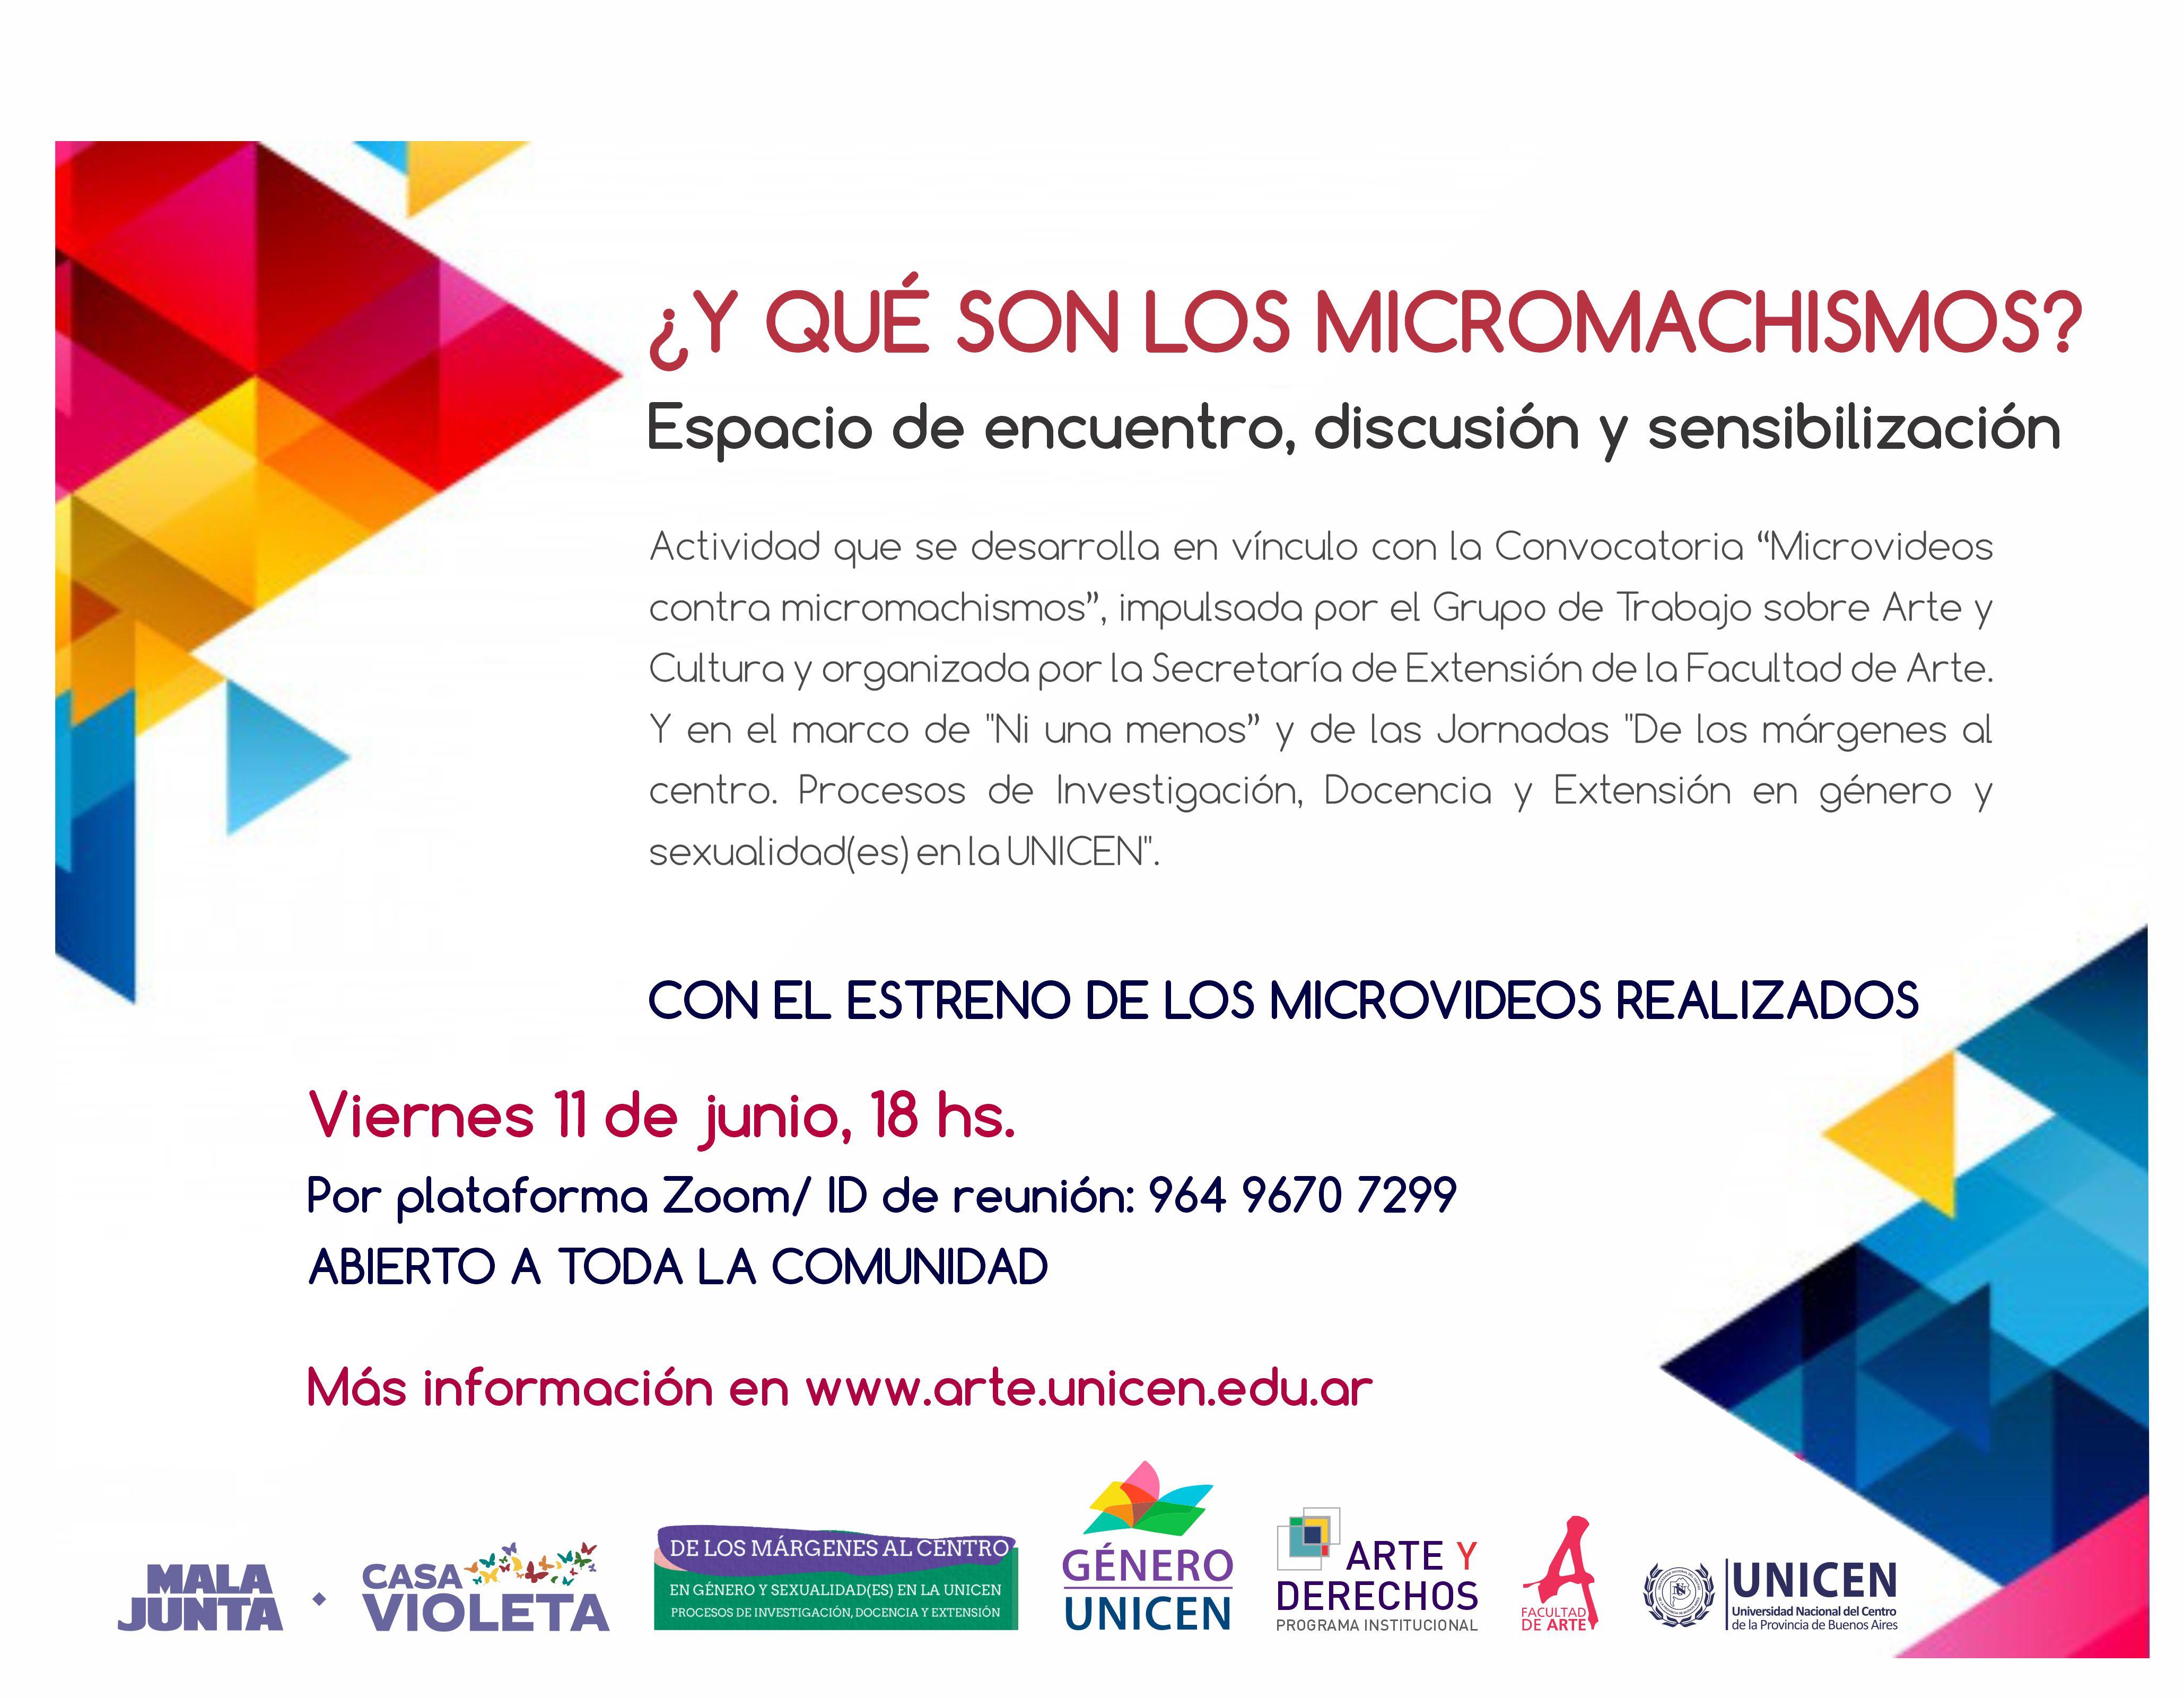 qué son los micromachismos